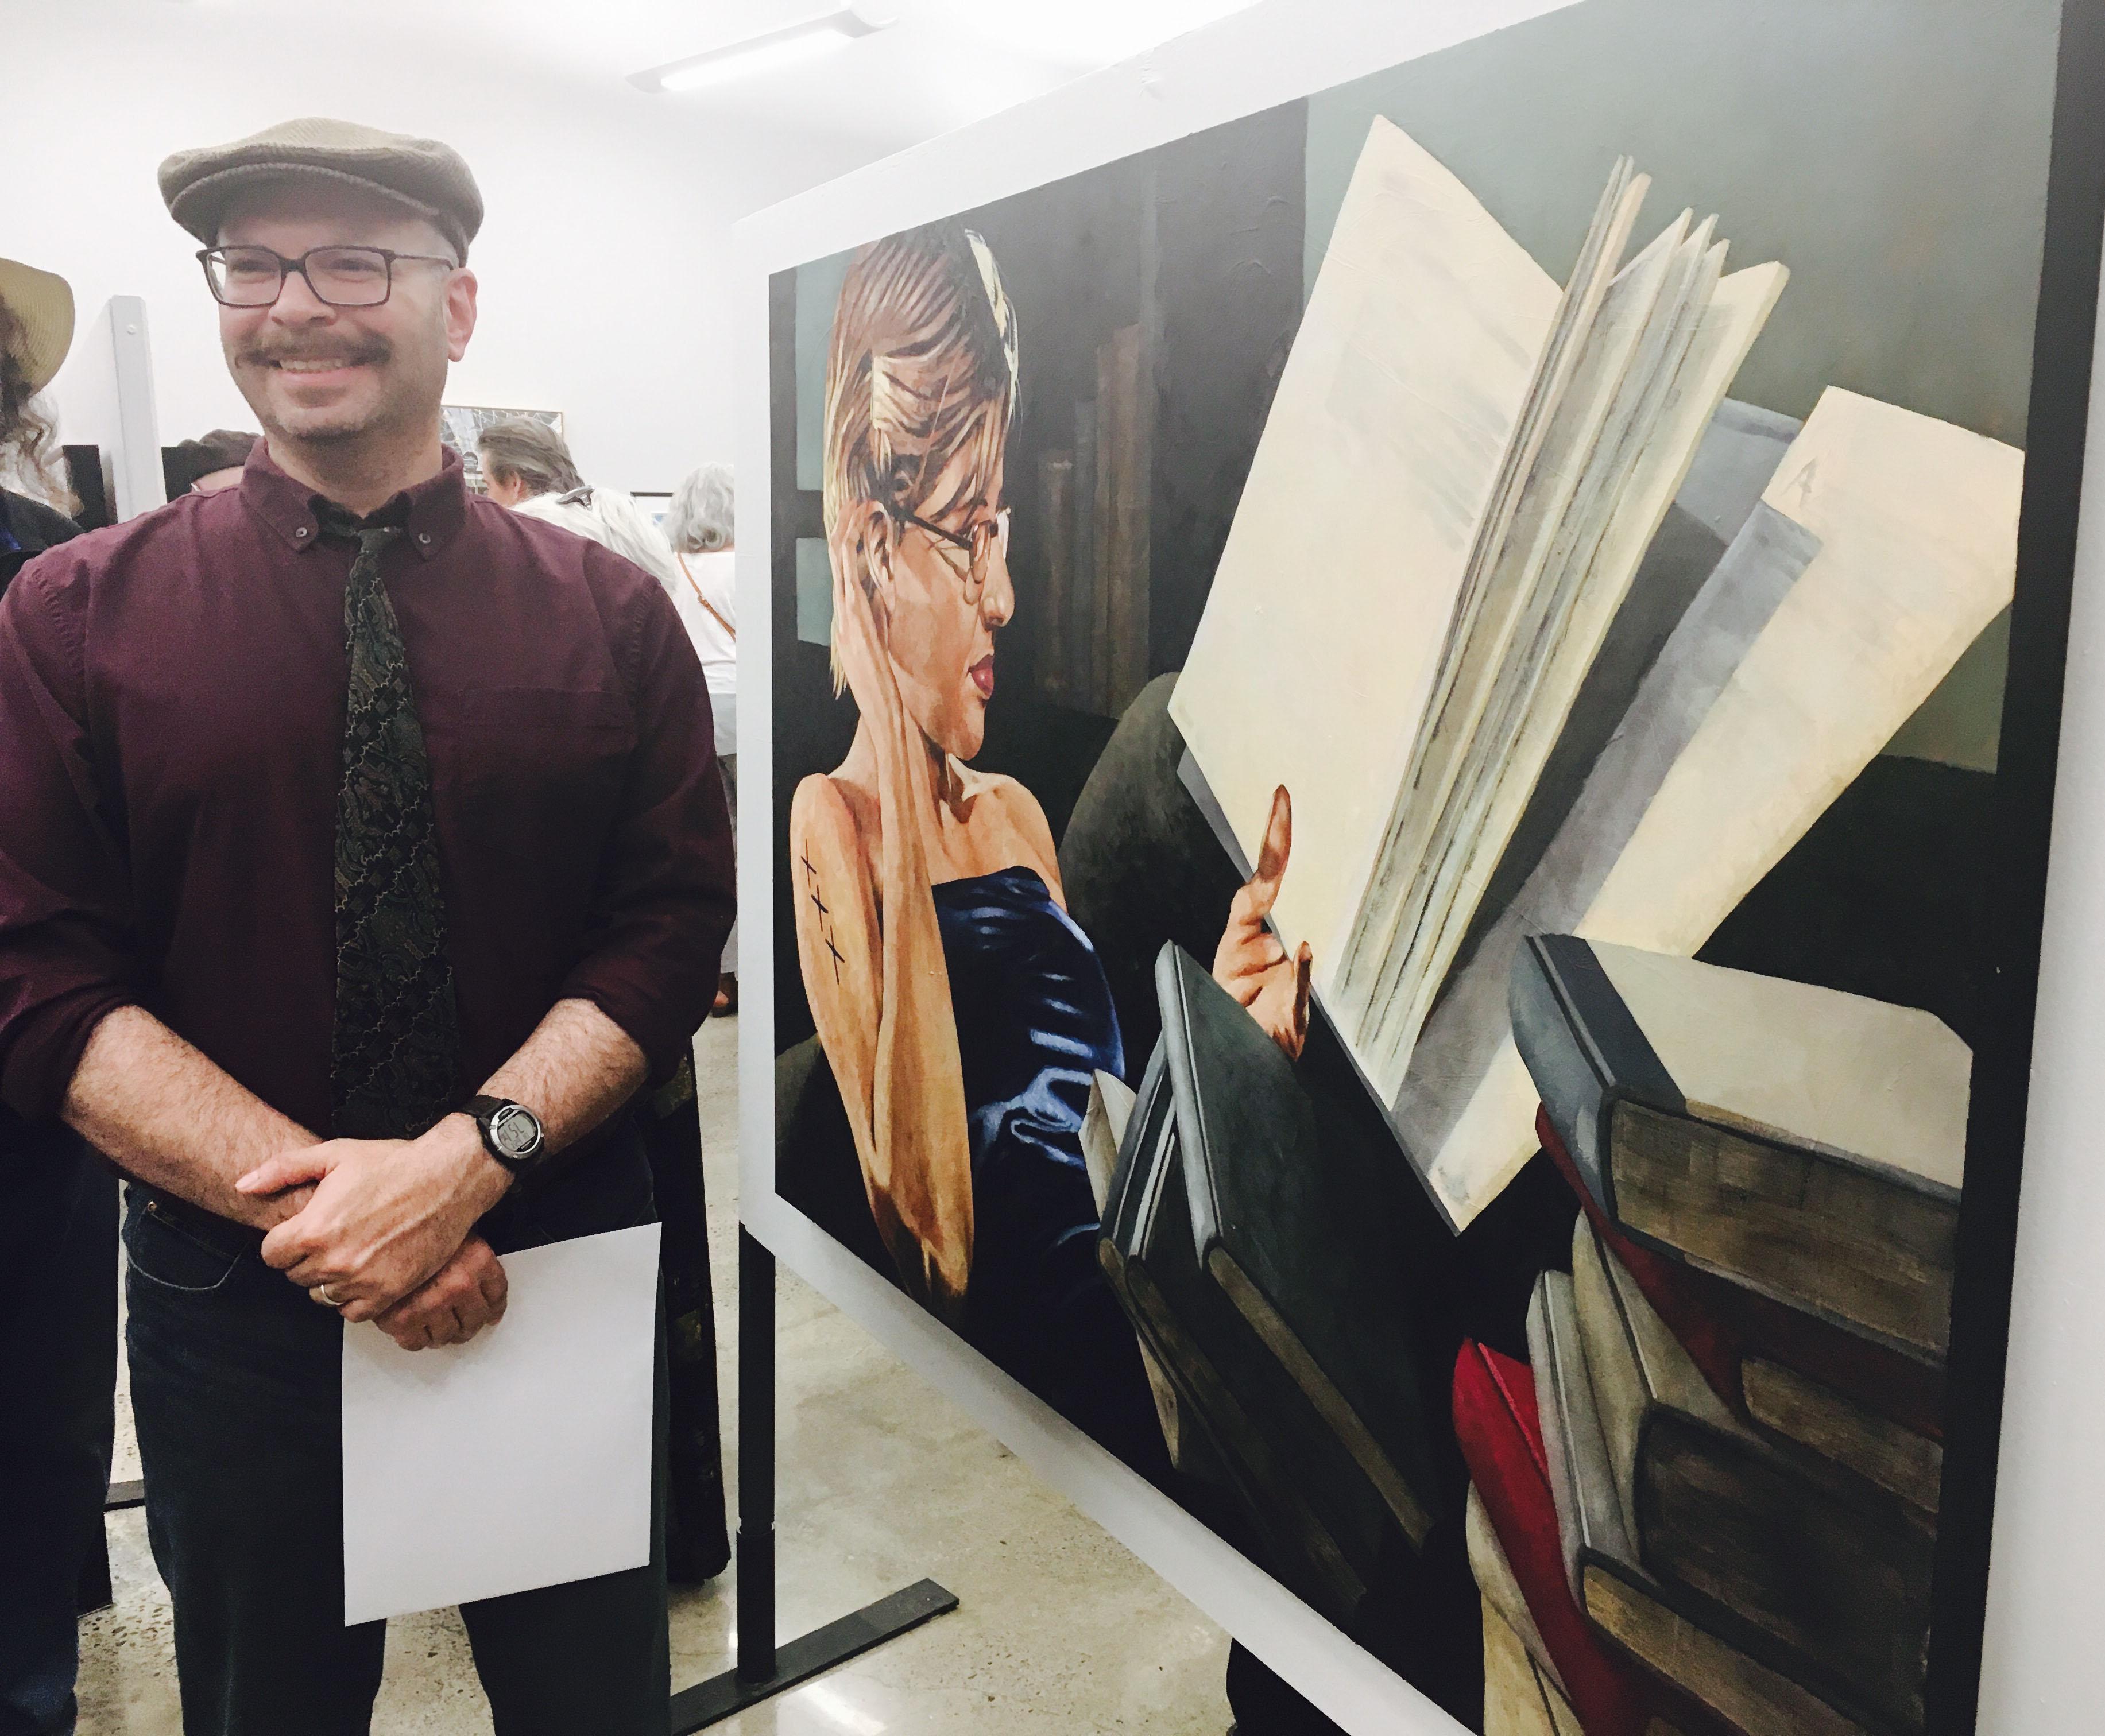 Milé Murtanovski poses alongside his winning entry, Pearls of Wisdom